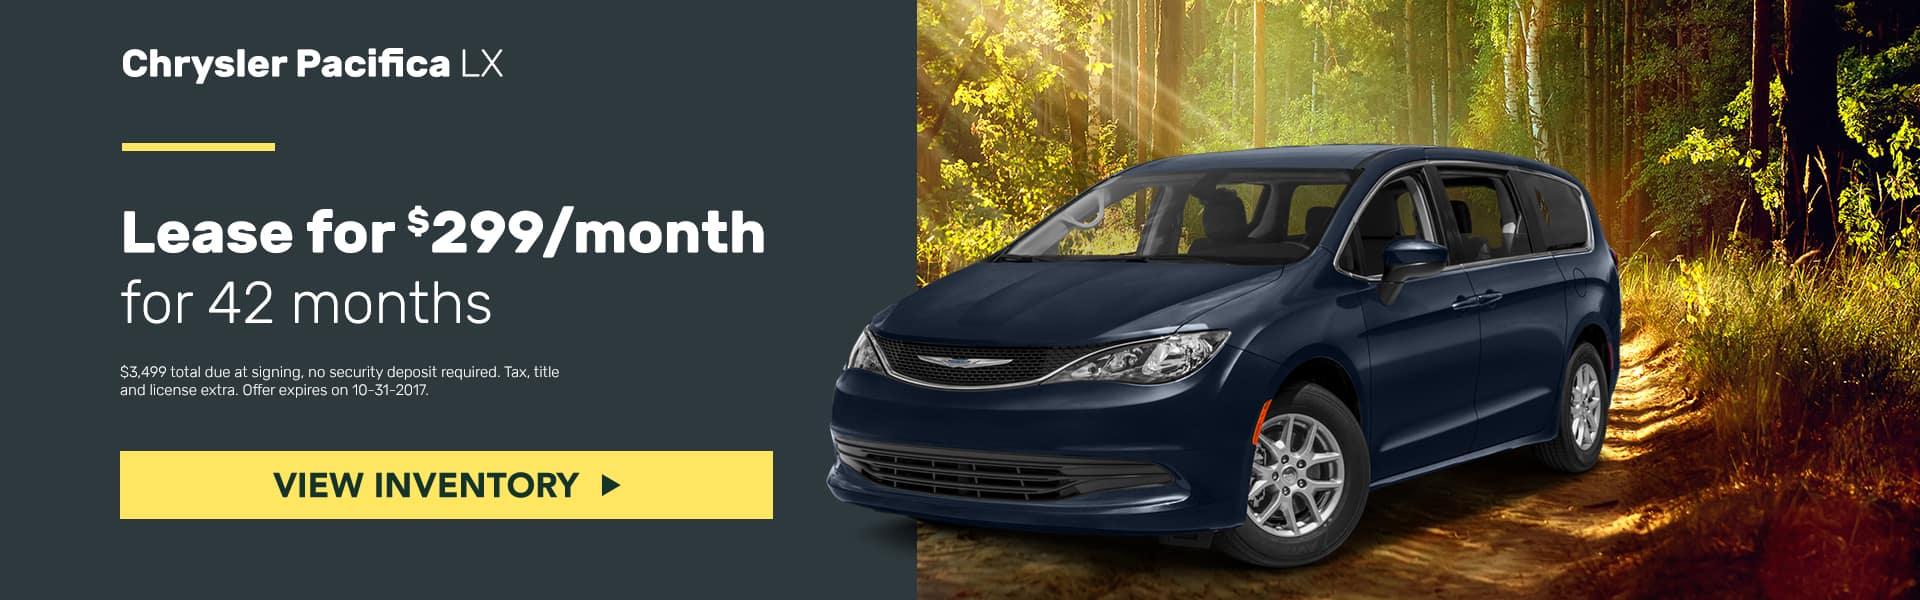 Chrysler Pacifica October Offer Mancari's